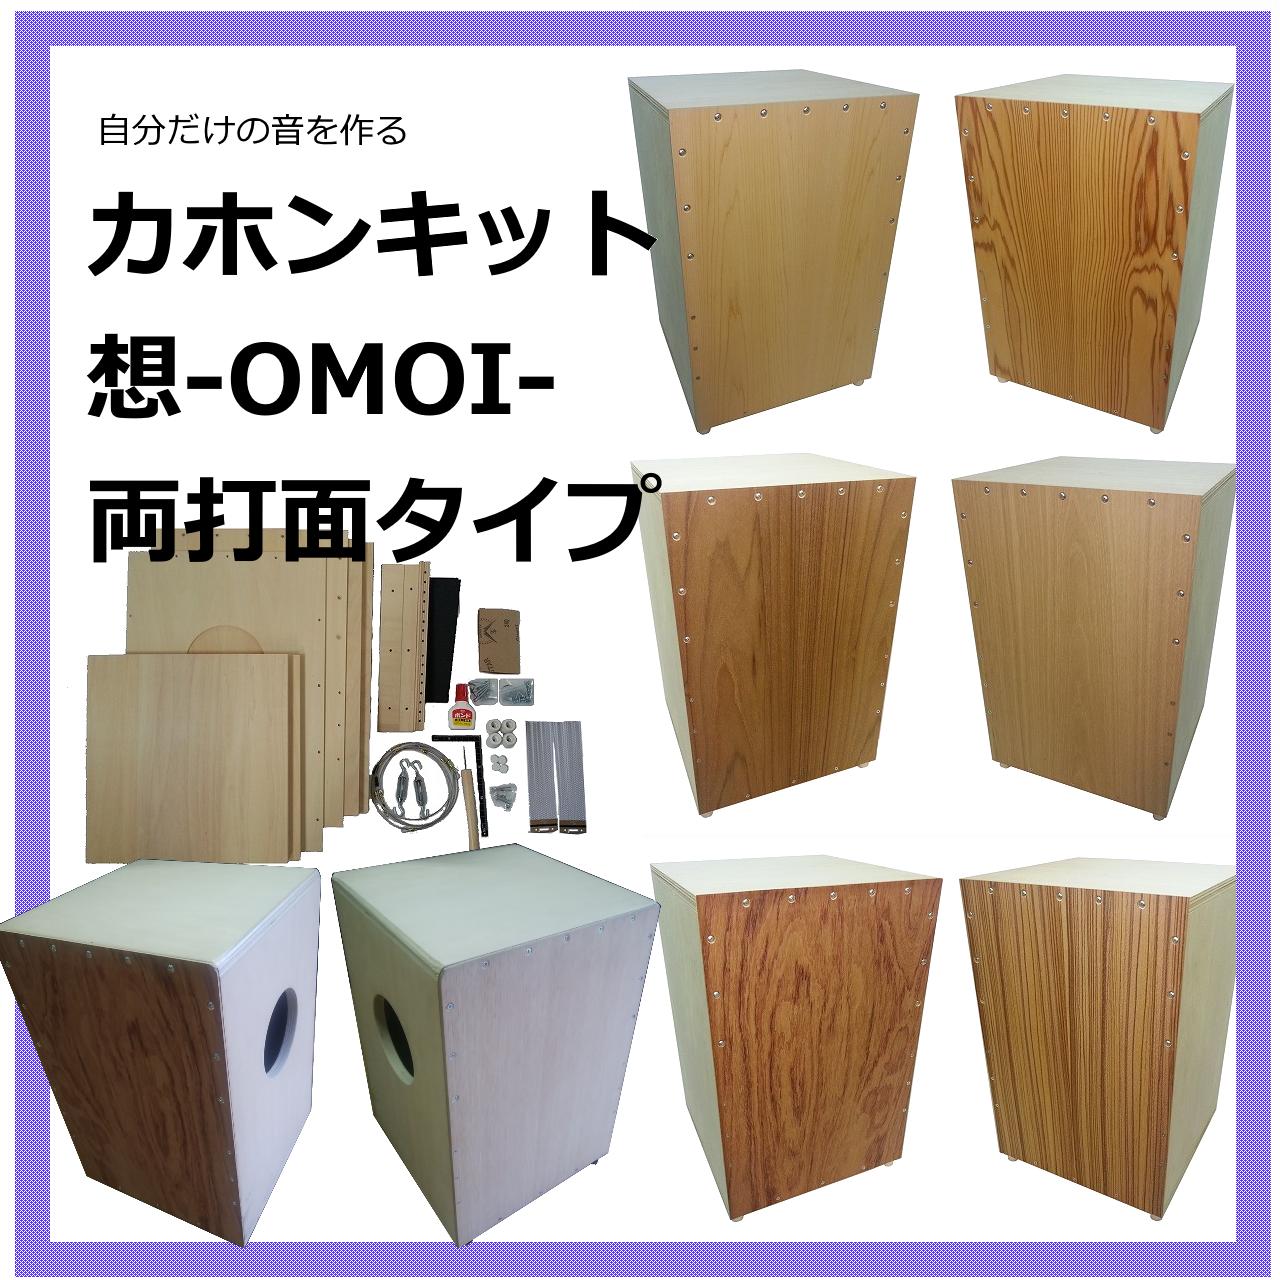 カホンキット 想-OMOI- 両打面タイプ